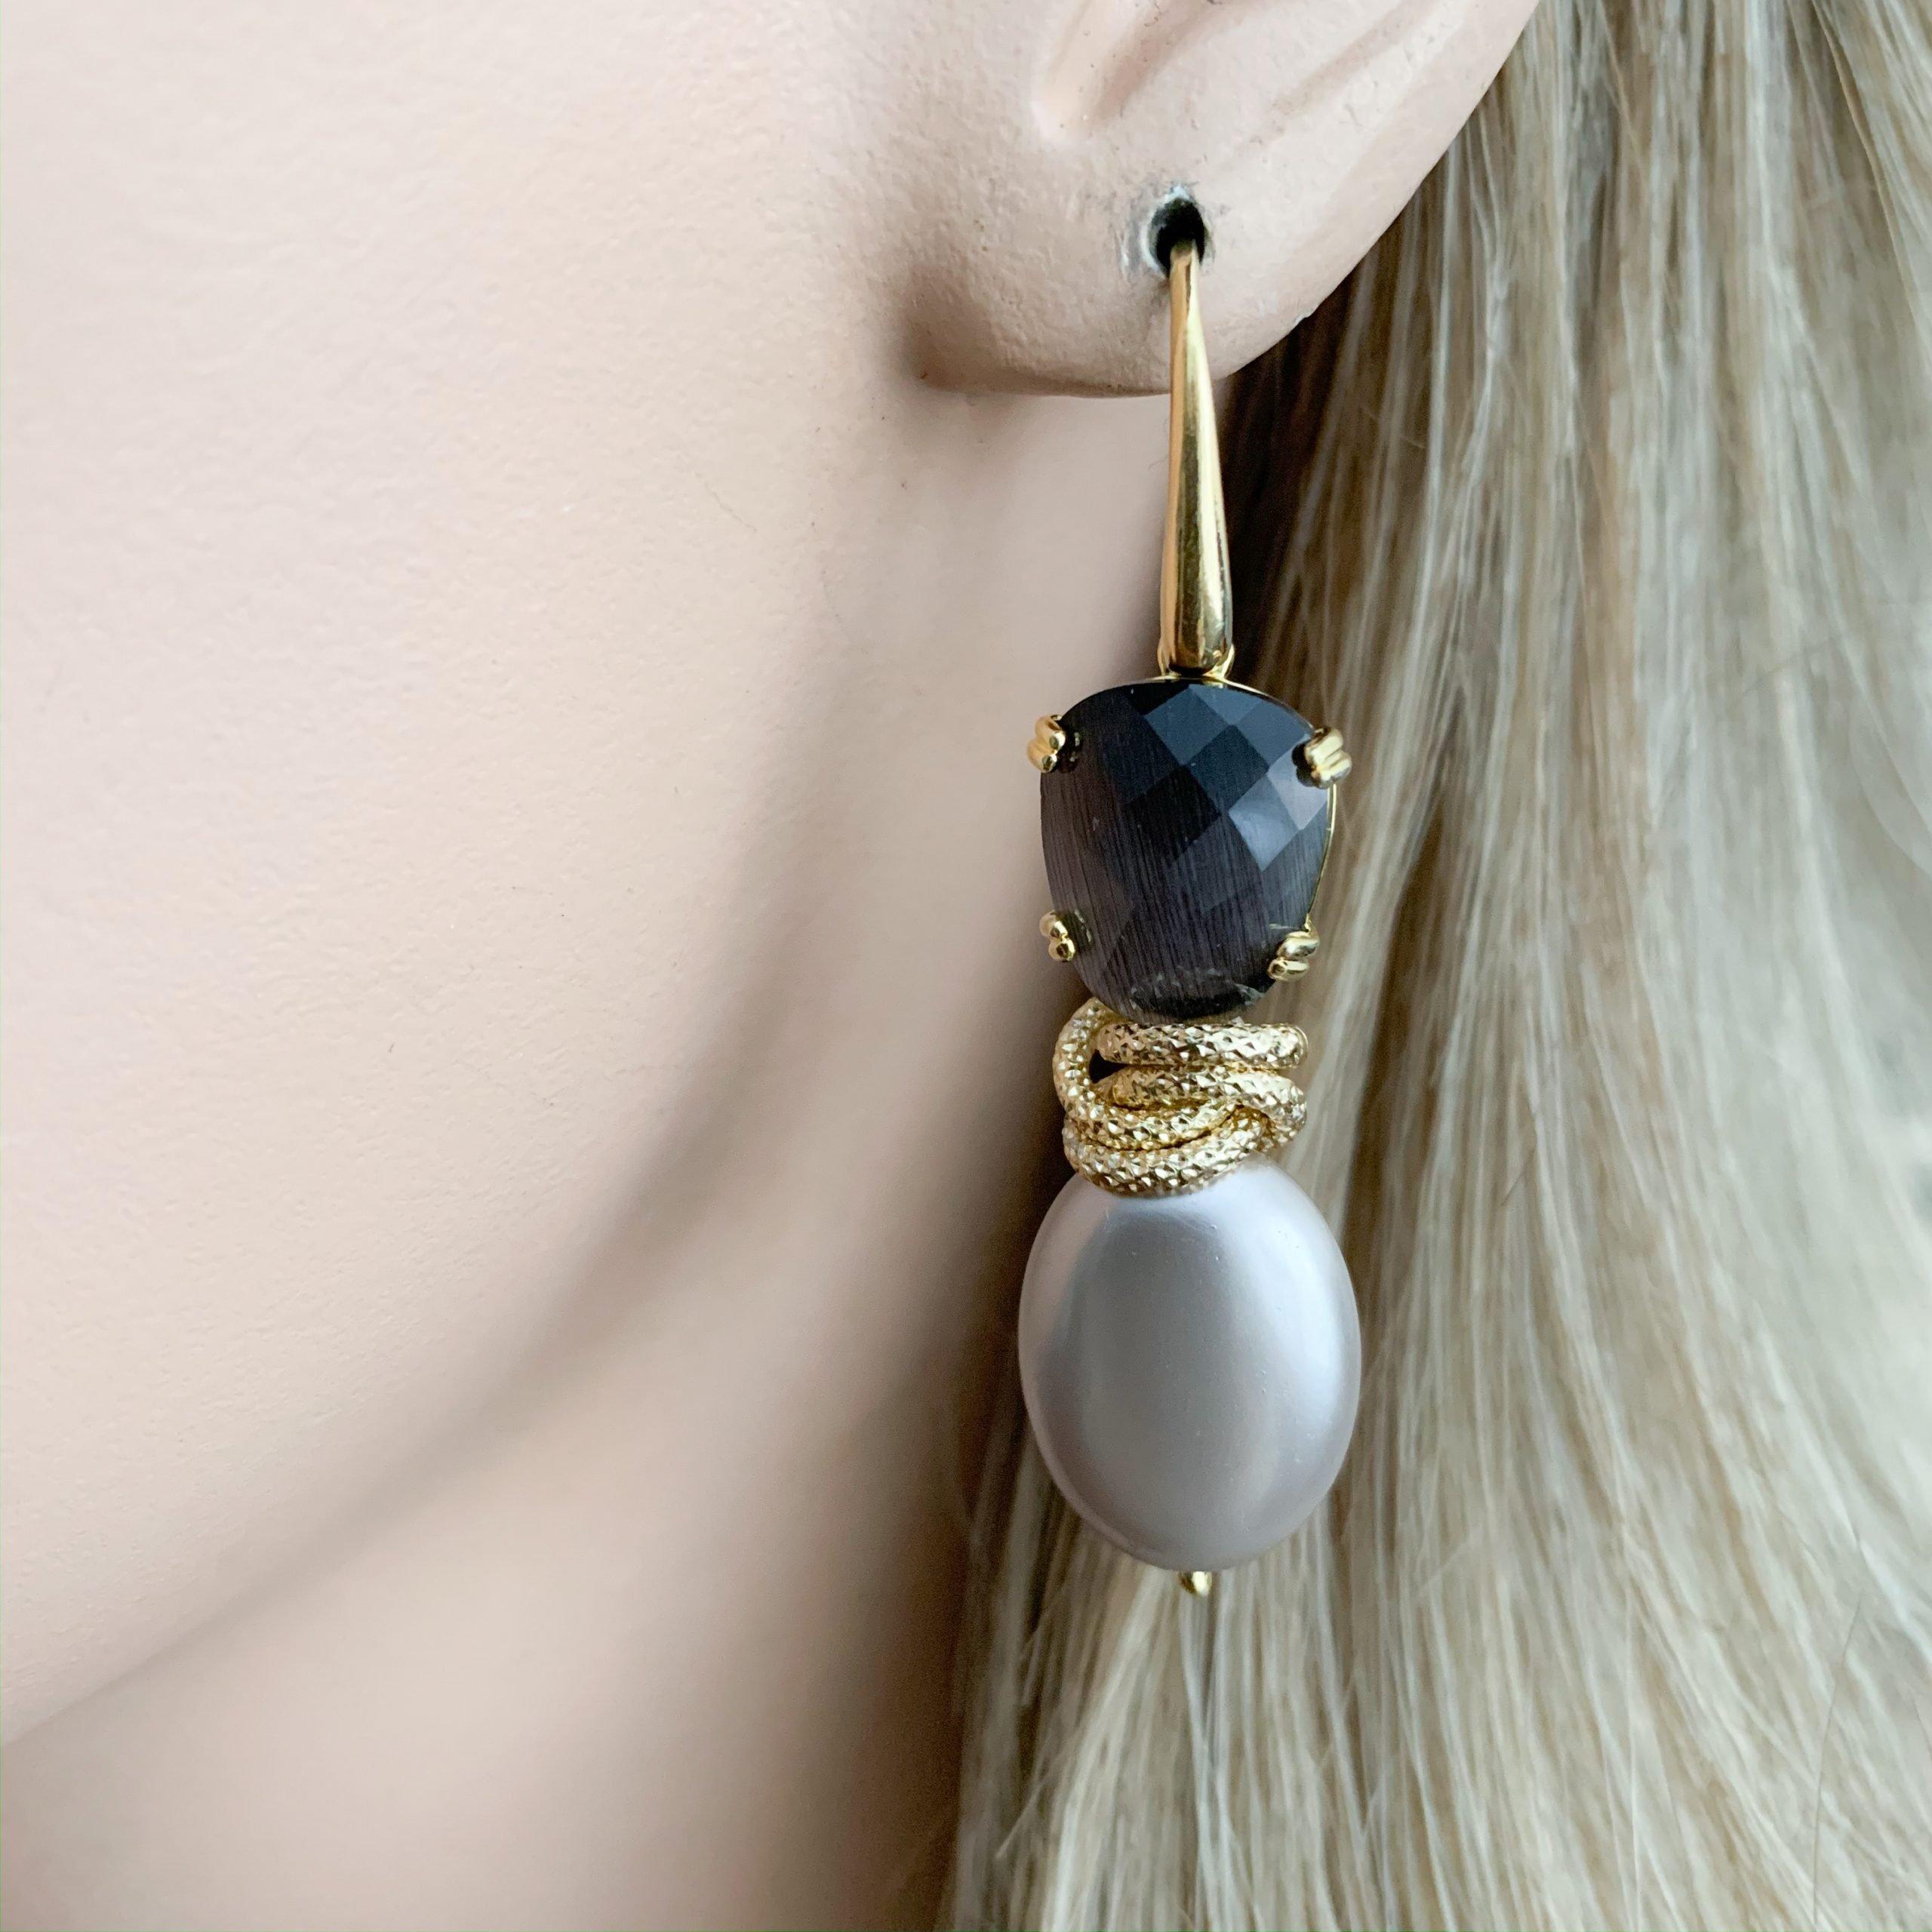 Grijs/taupe shell parels en grijze cat's eye oorbellen